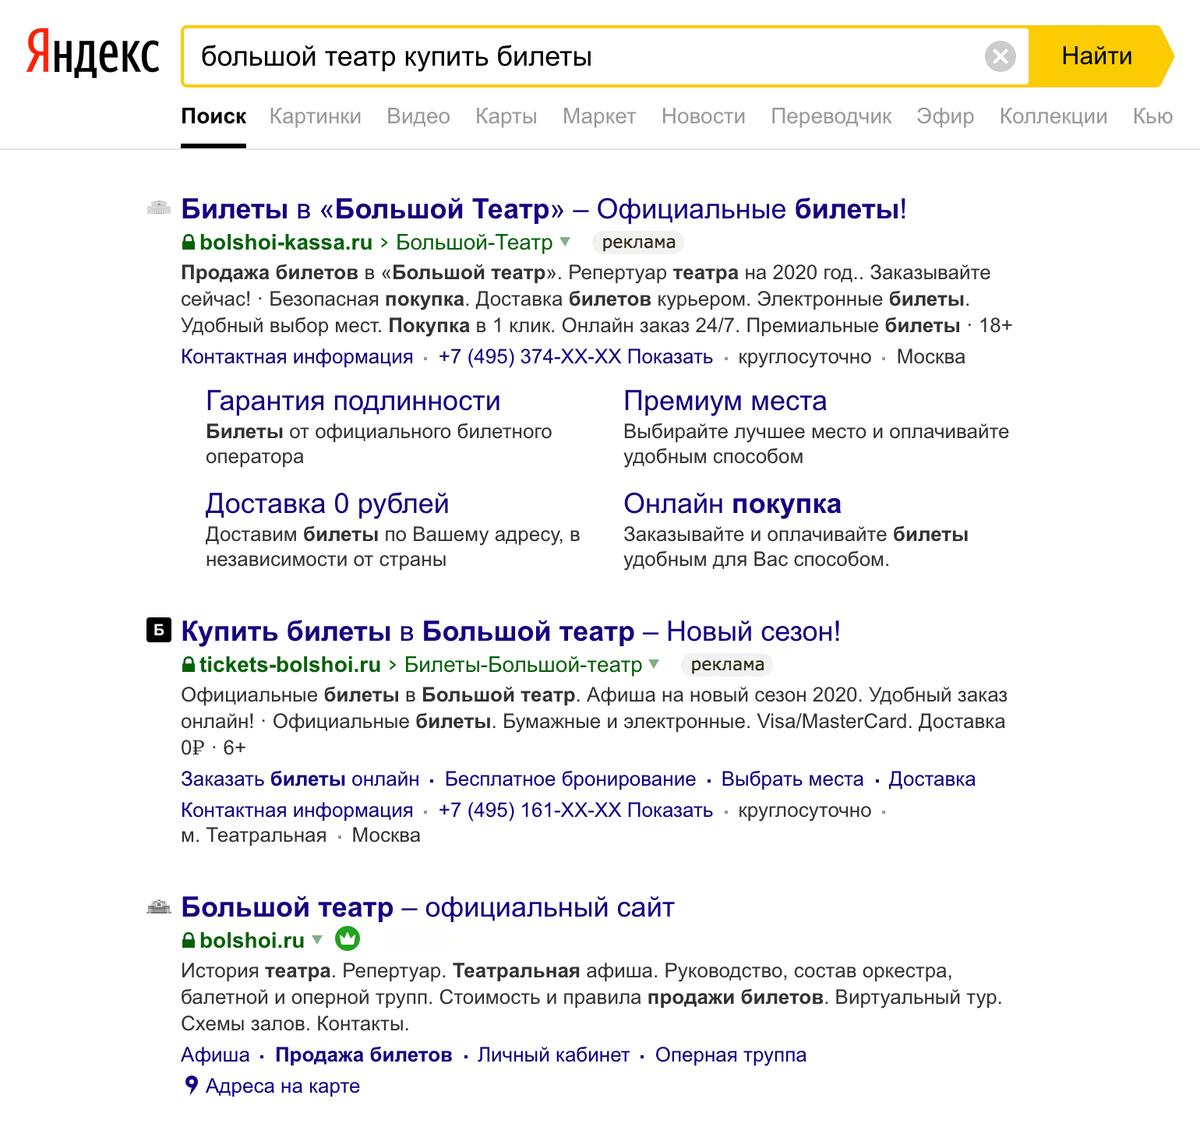 Обычно поисковики в первых строчках выдают наиболее надежные результаты поиска. Но сайты с меткой «реклама» — исключение, их могут показать раньше основных результатов. А реклама может вести как на честные сайты, так и на сайты мошенников